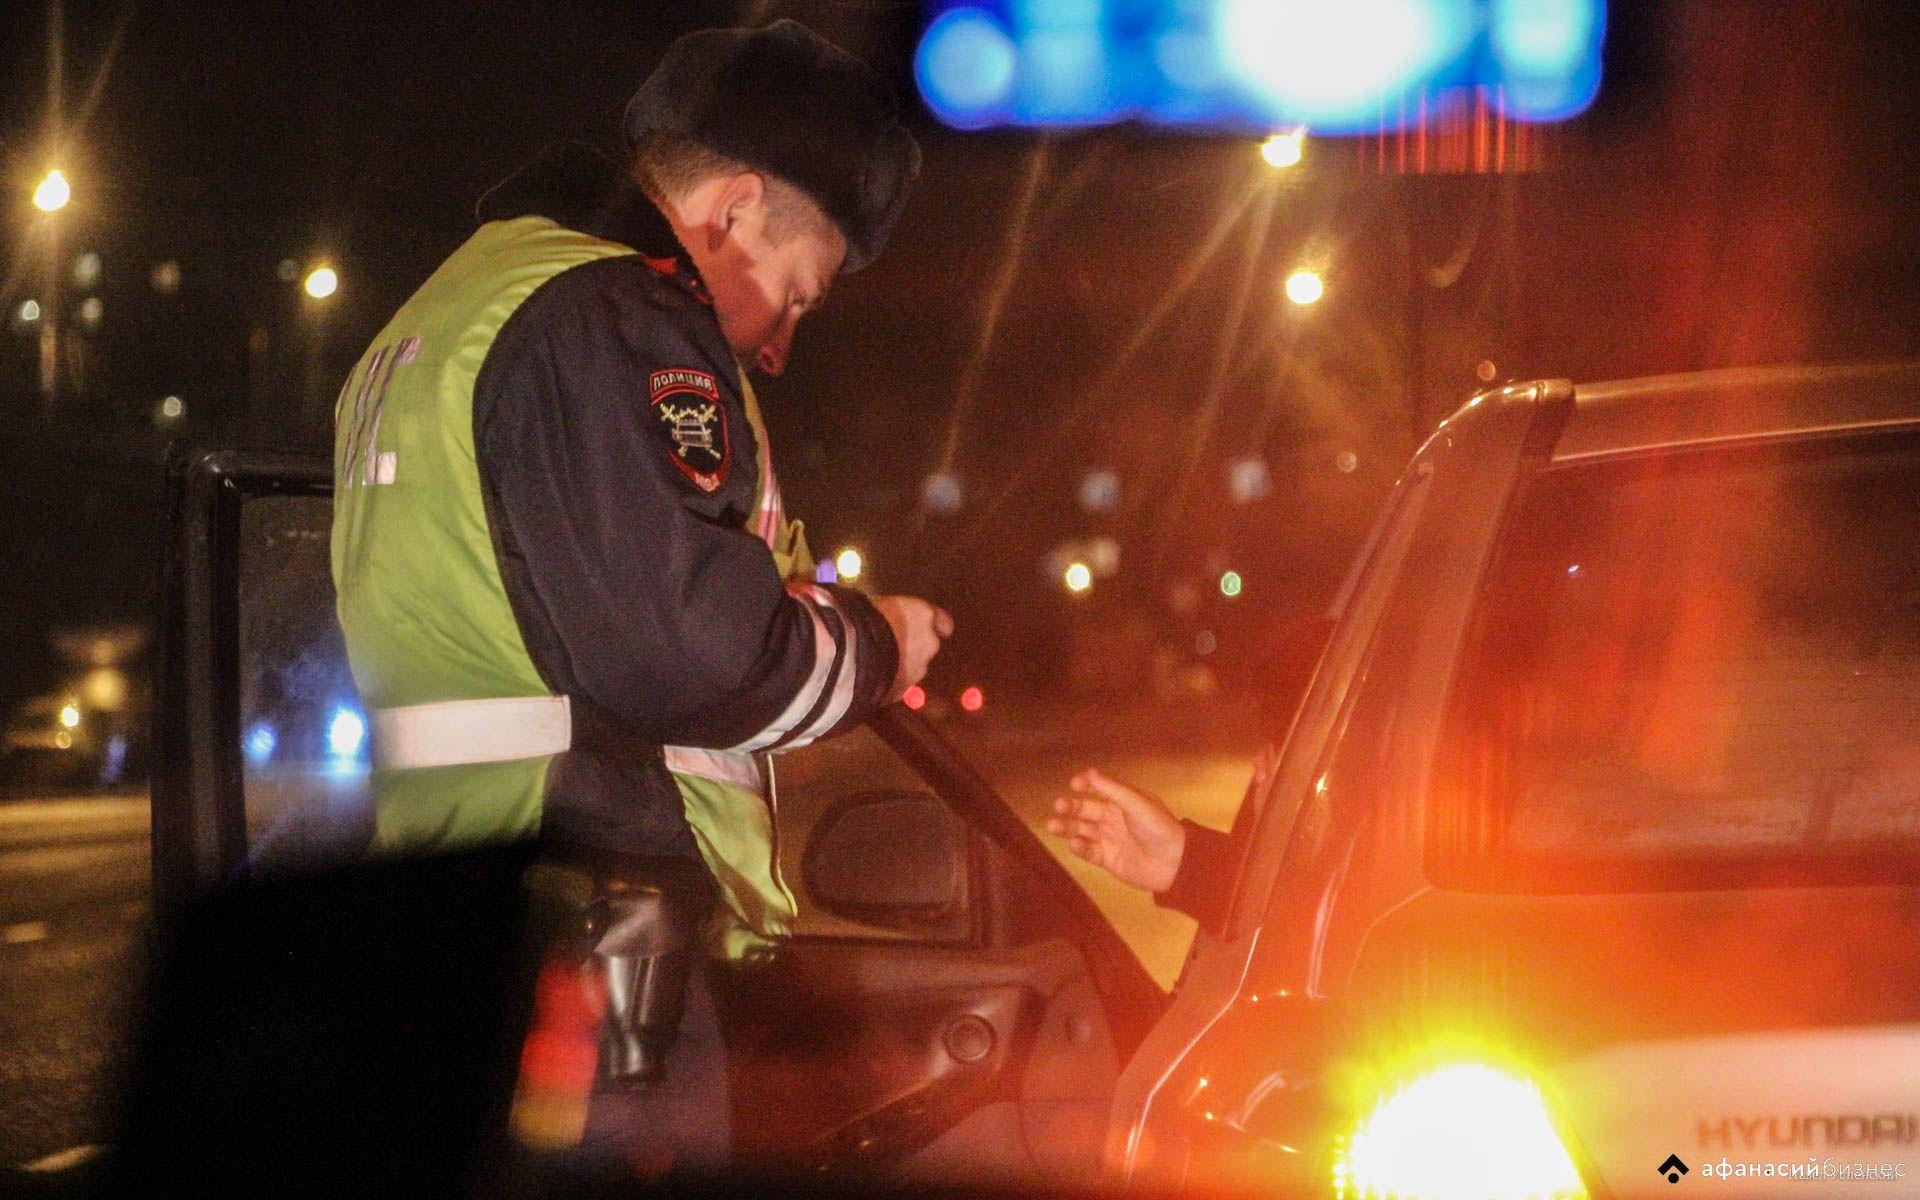 За сутки на дорогах Тверской области поймали 24 пьяных водителя и еще полсотни других нарушителей